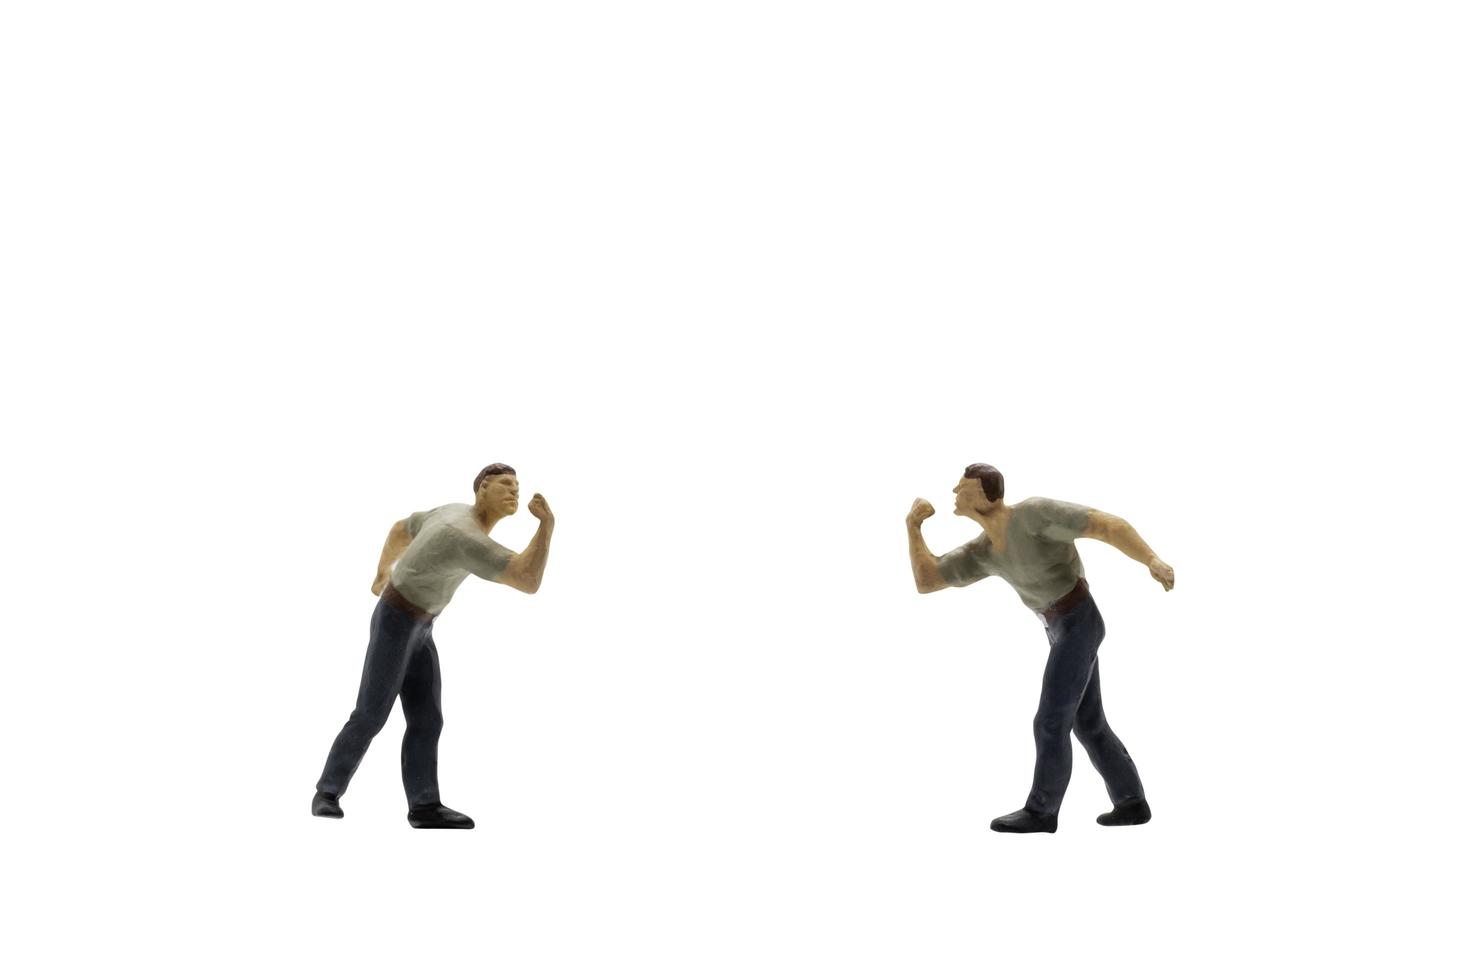 statuetta in miniatura di due uomini che combattono foto